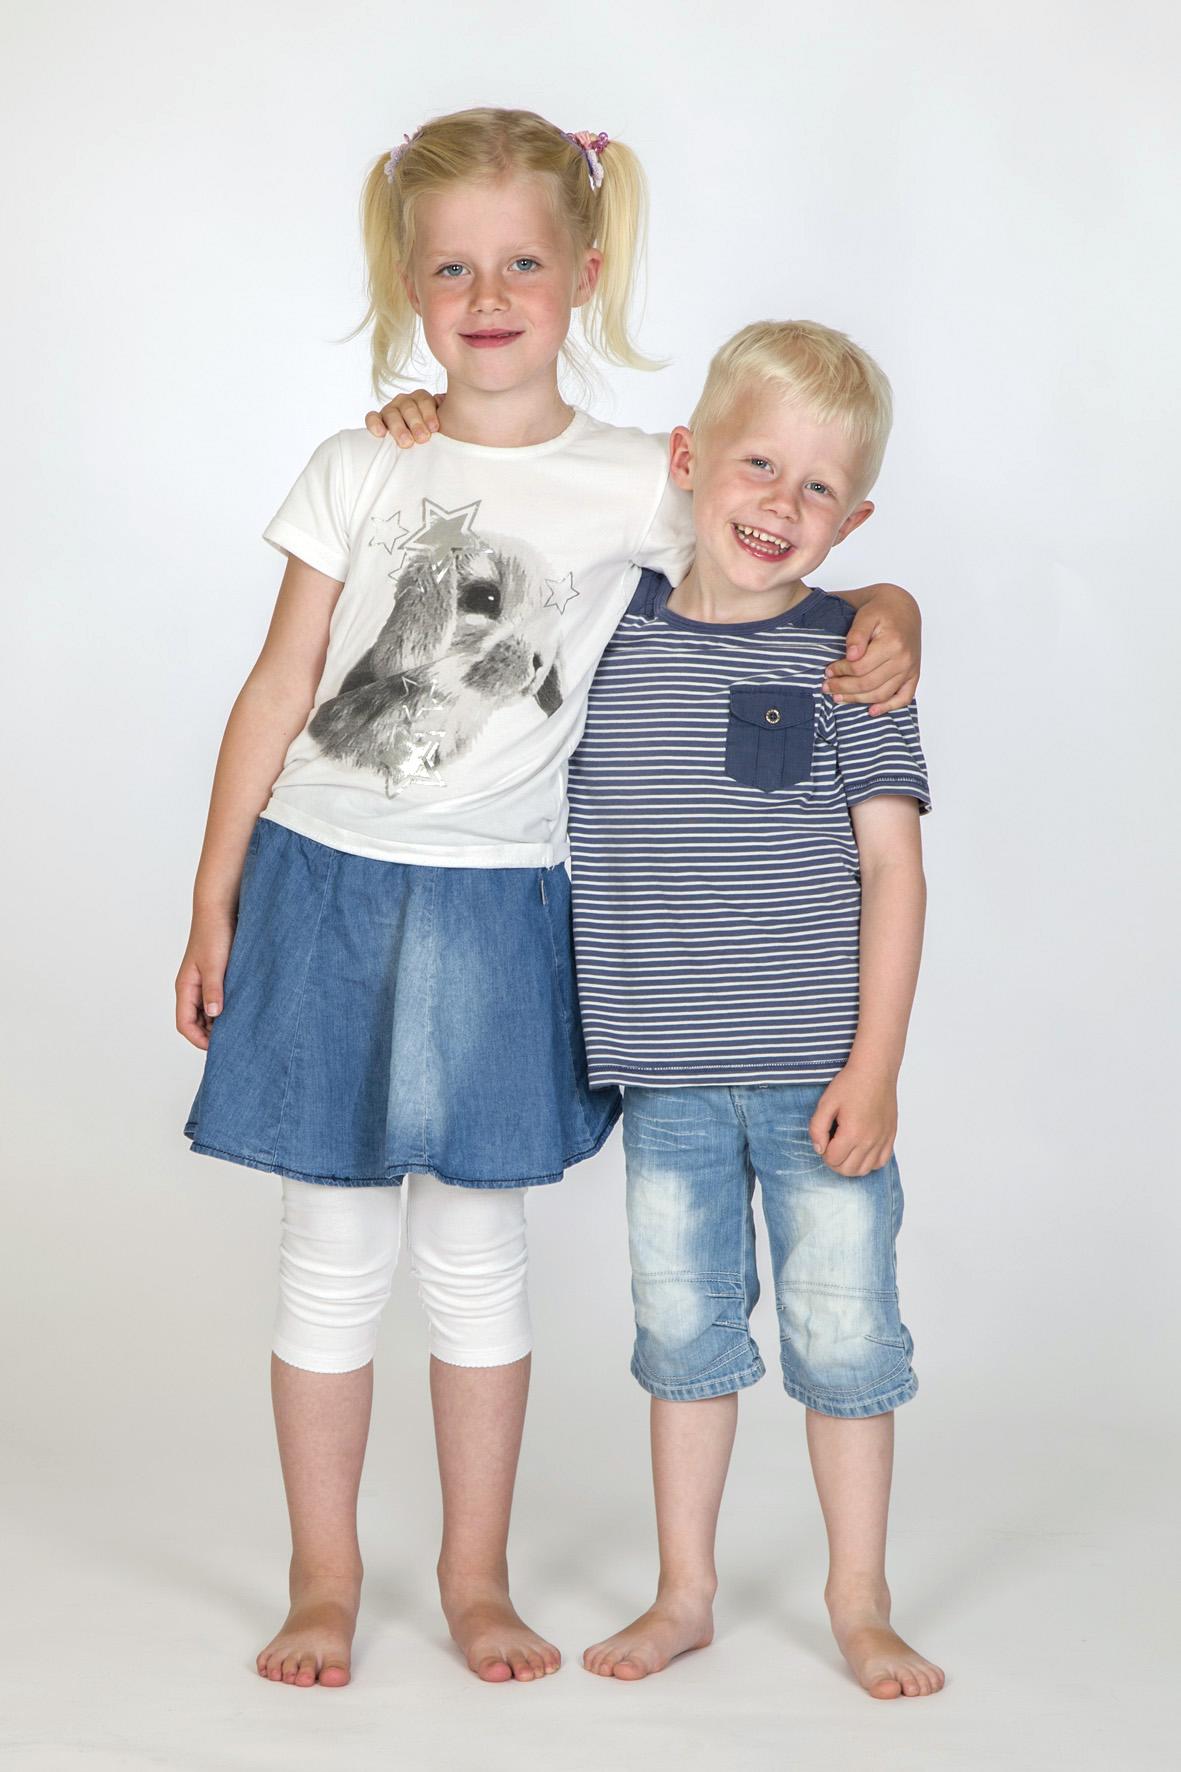 Børnefotografering - 2 Børne Med Bare Tæer